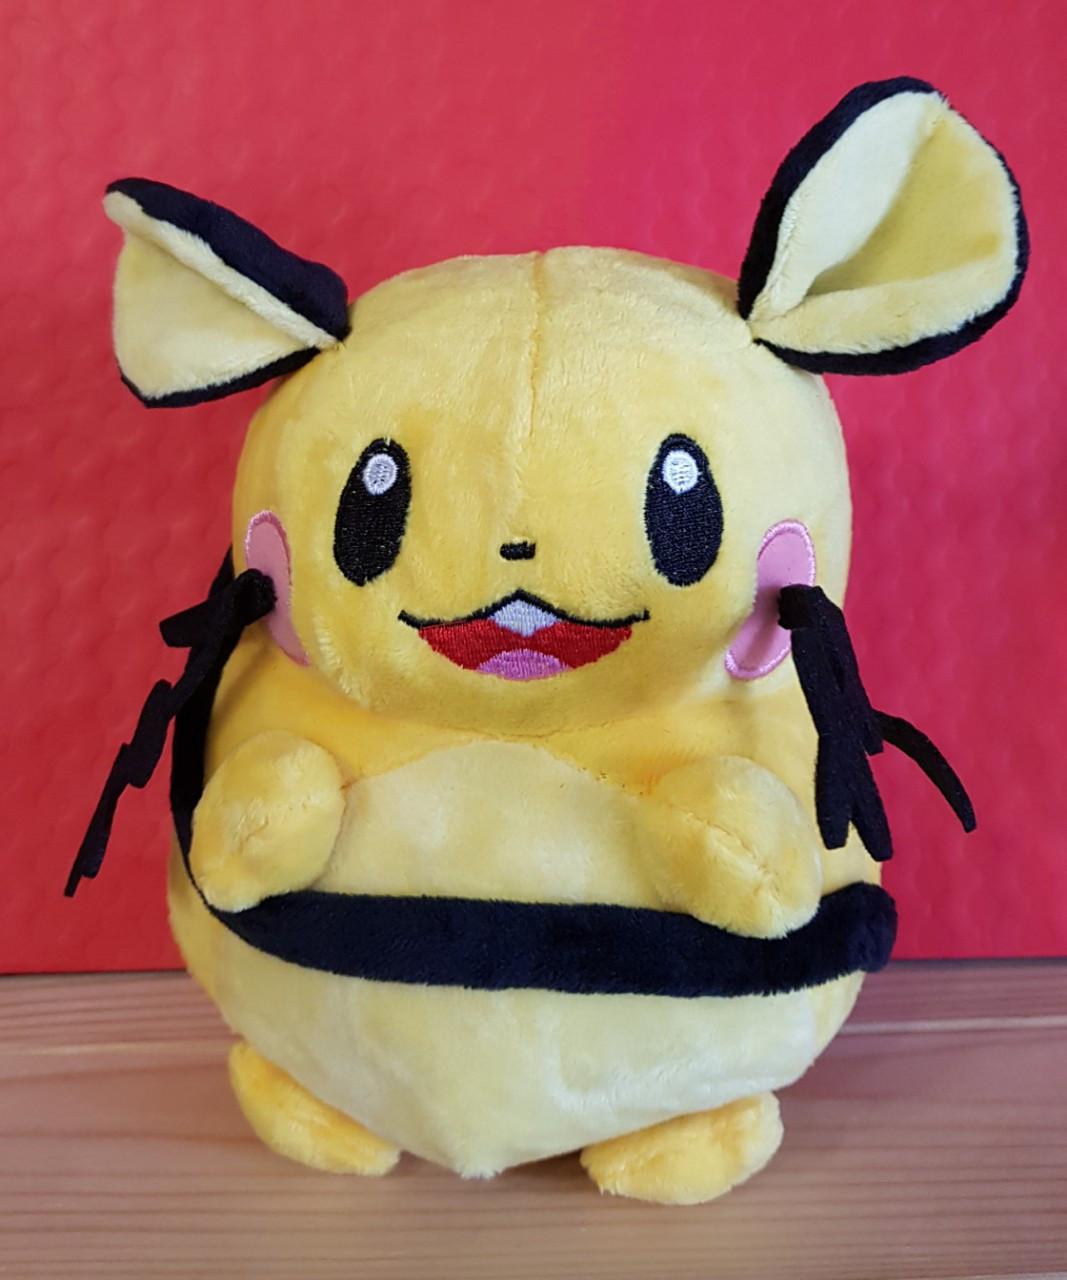 Мягкая Игрушка Деденне Покемон ( Dedenne) плюшевая игрушка, 22 см